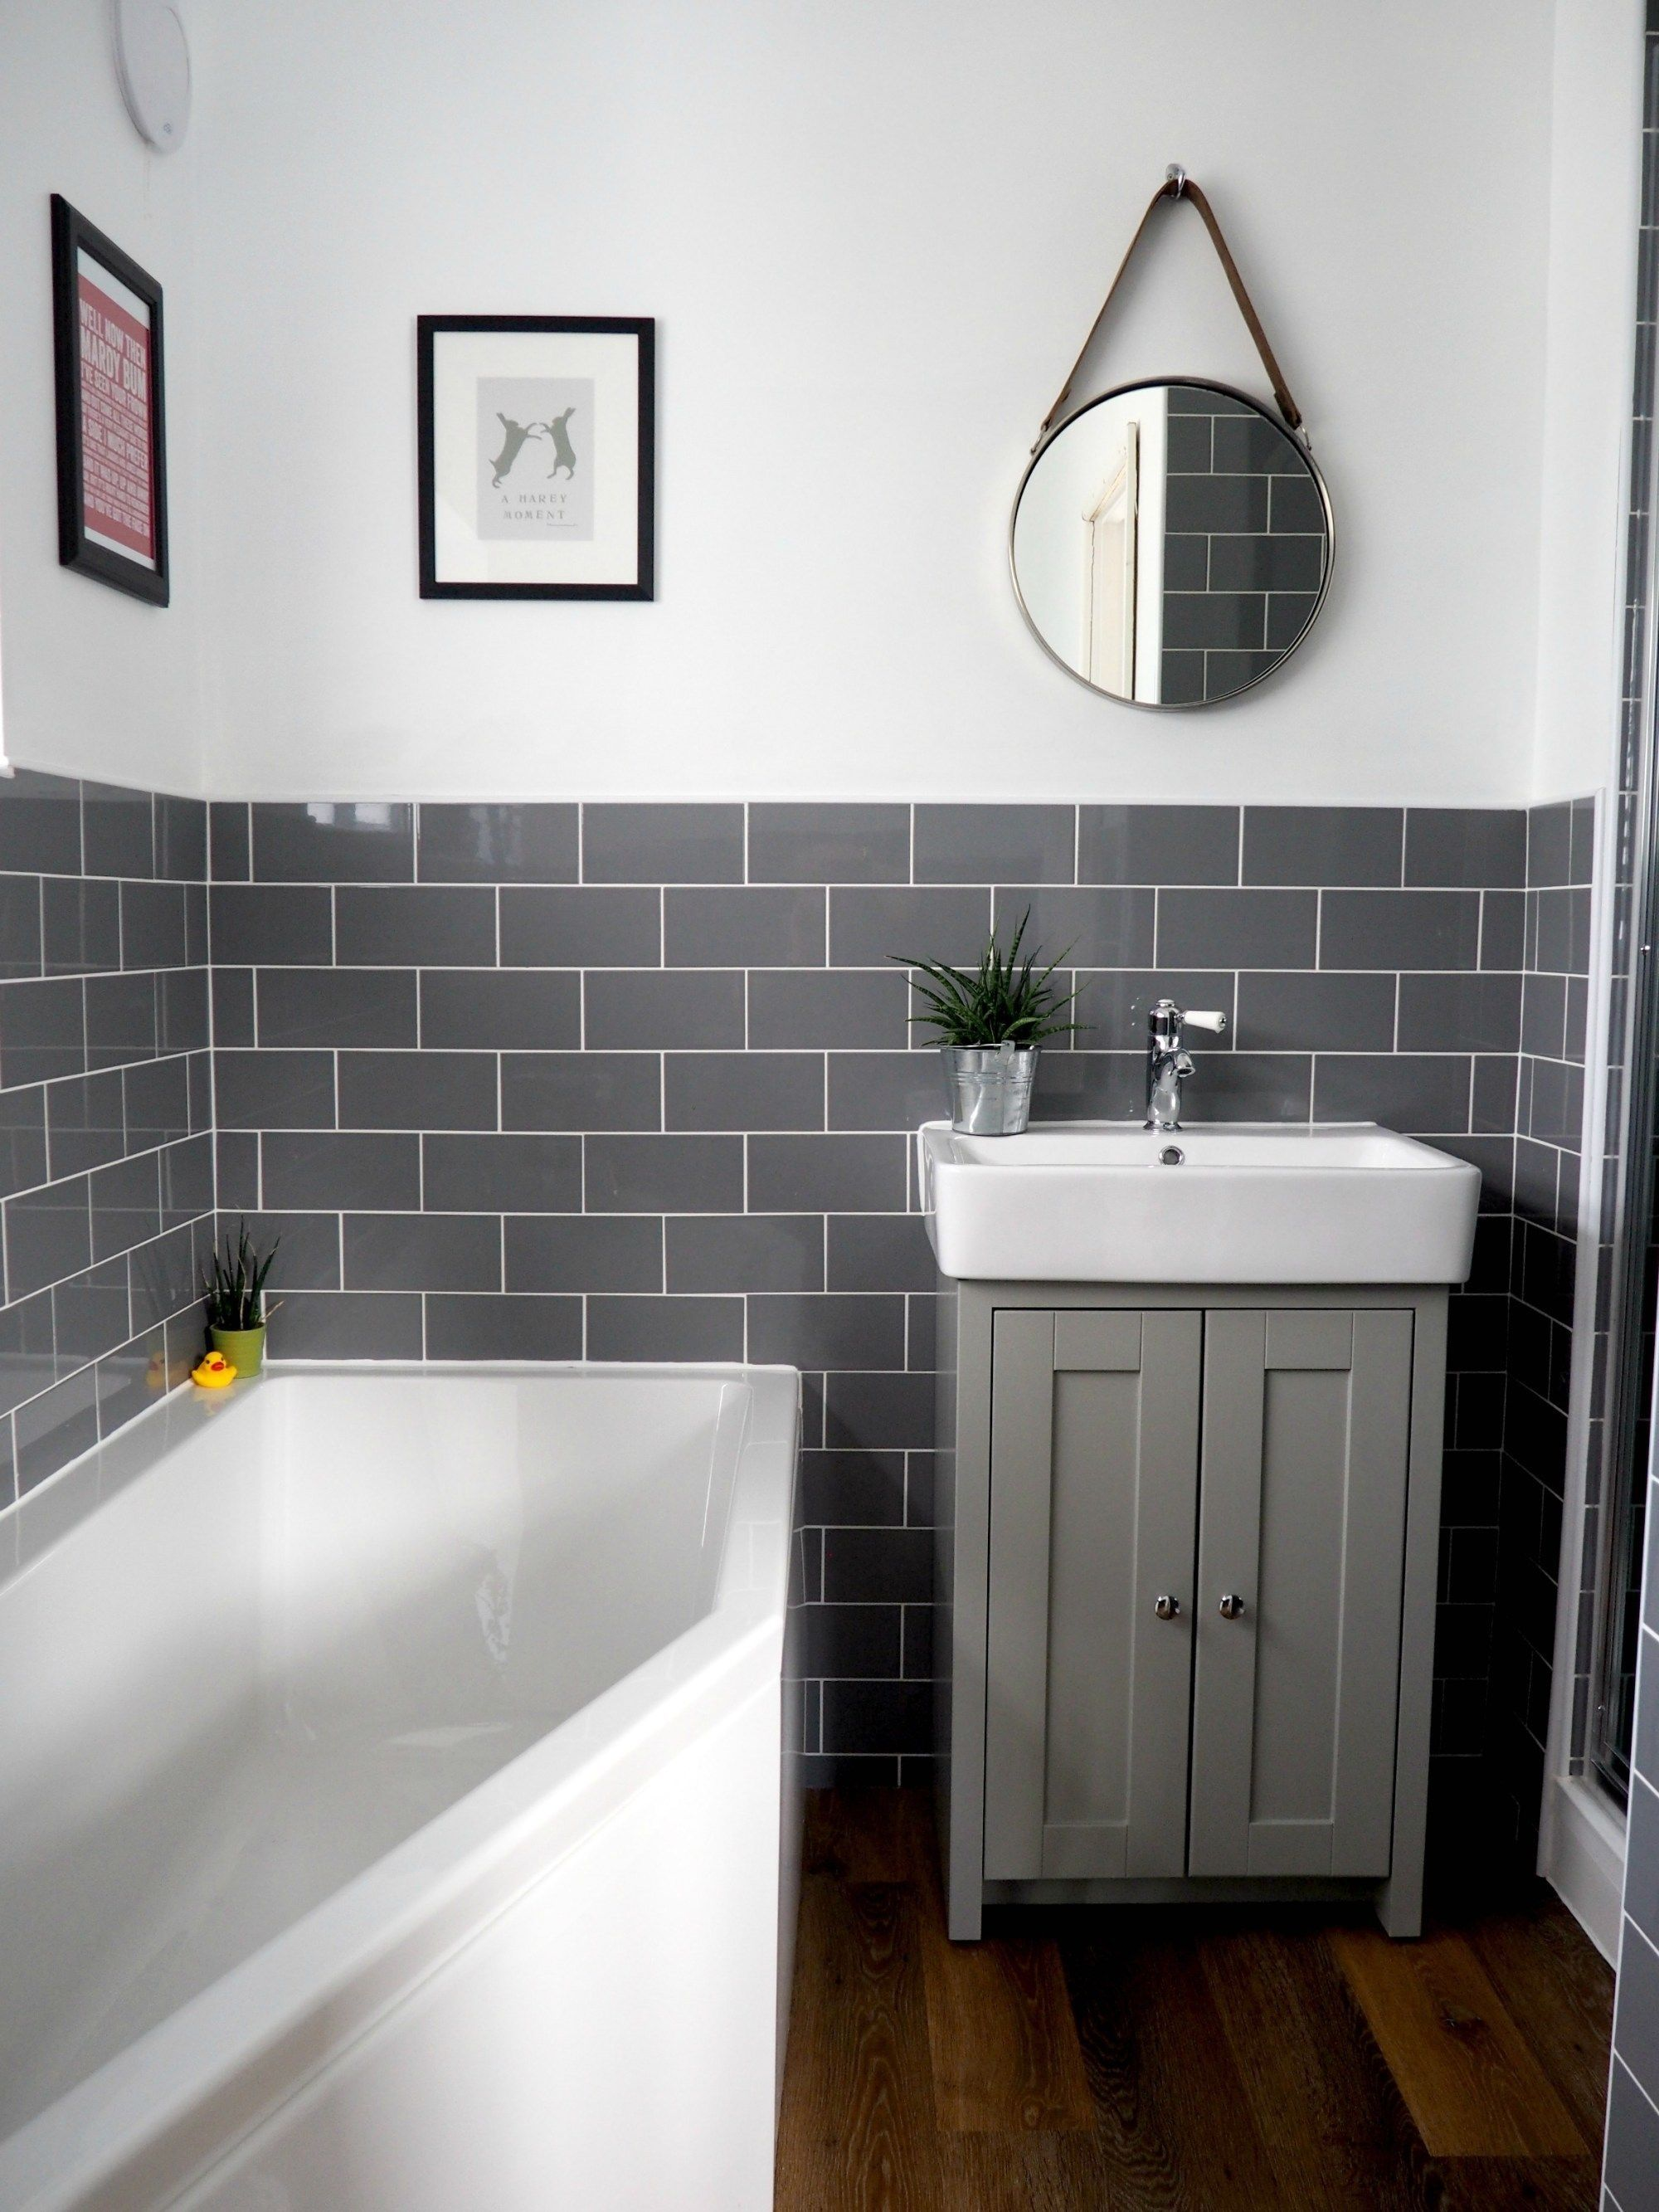 Elegant Fresh Small Bathroom Ideas Grey Tiles Ij03q2 Https Ijcar 2016 Info Fresh Small Bathroom I Bathroom Remodel Cost Bathroom Design Small Bathroom Design